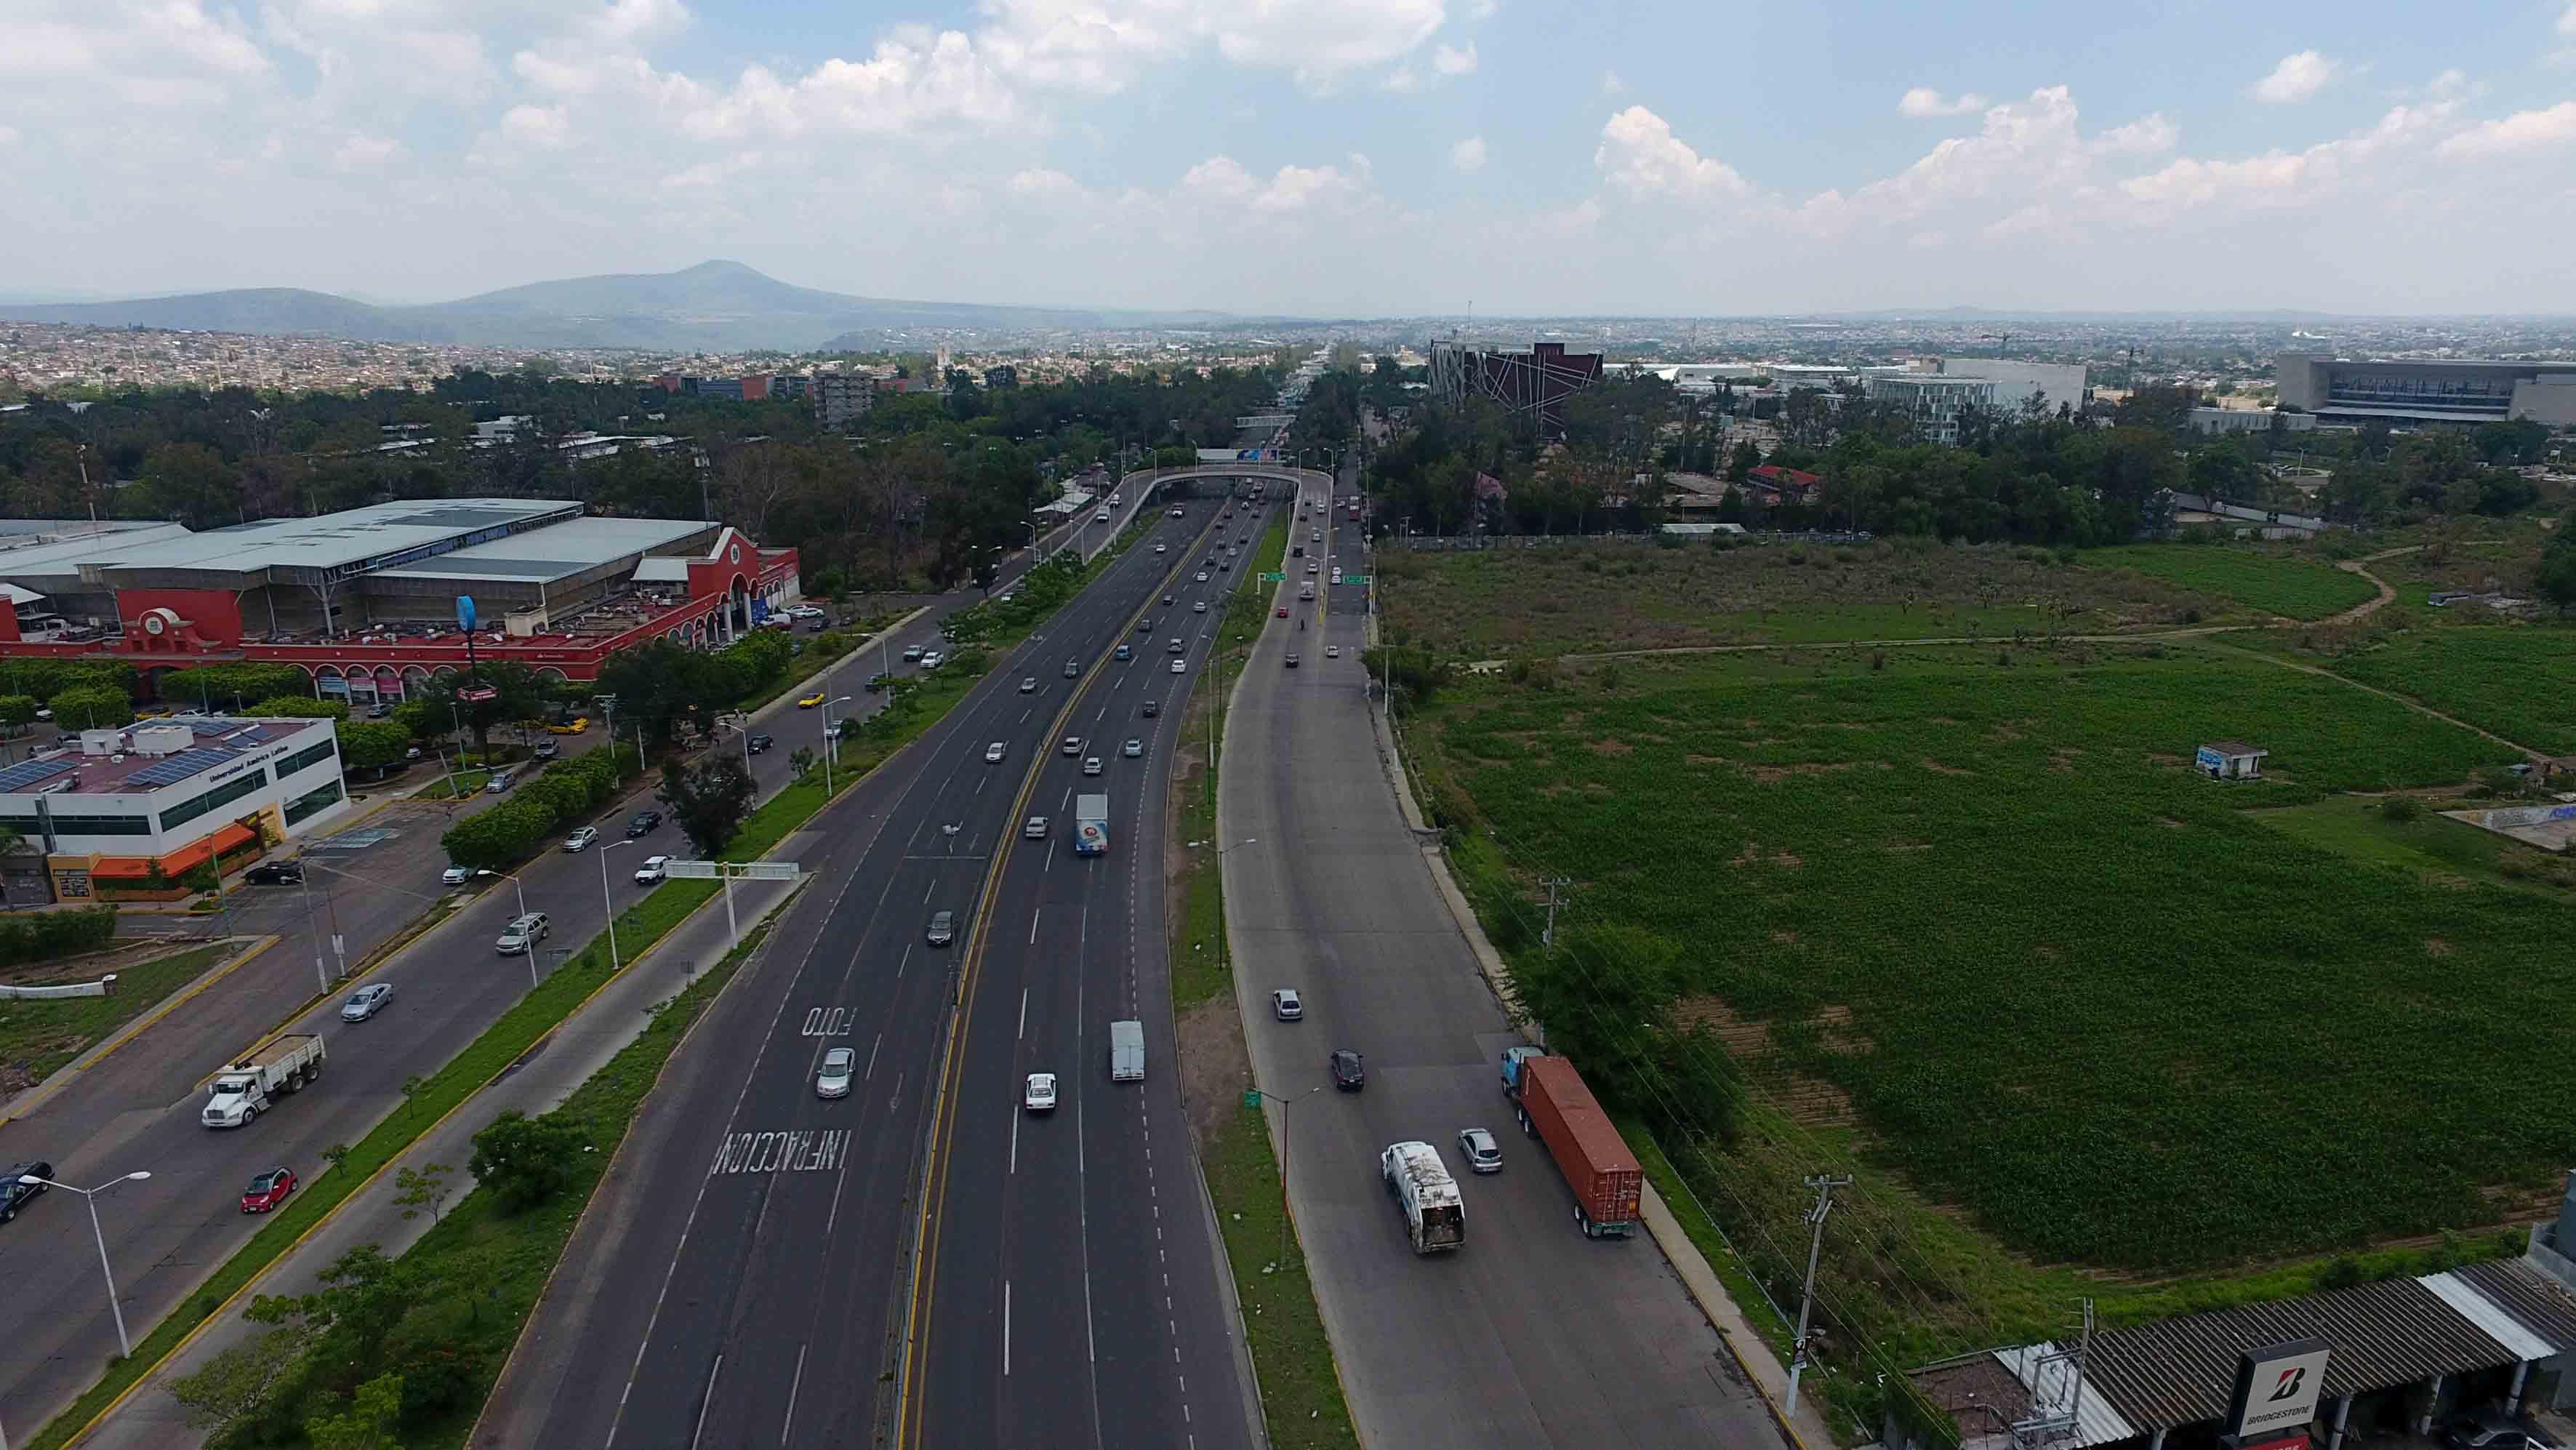 """Vista panorámica del perímetro de la obra """"Viaducto Belenes"""", en el municipio de Zapopan, Jalisco."""